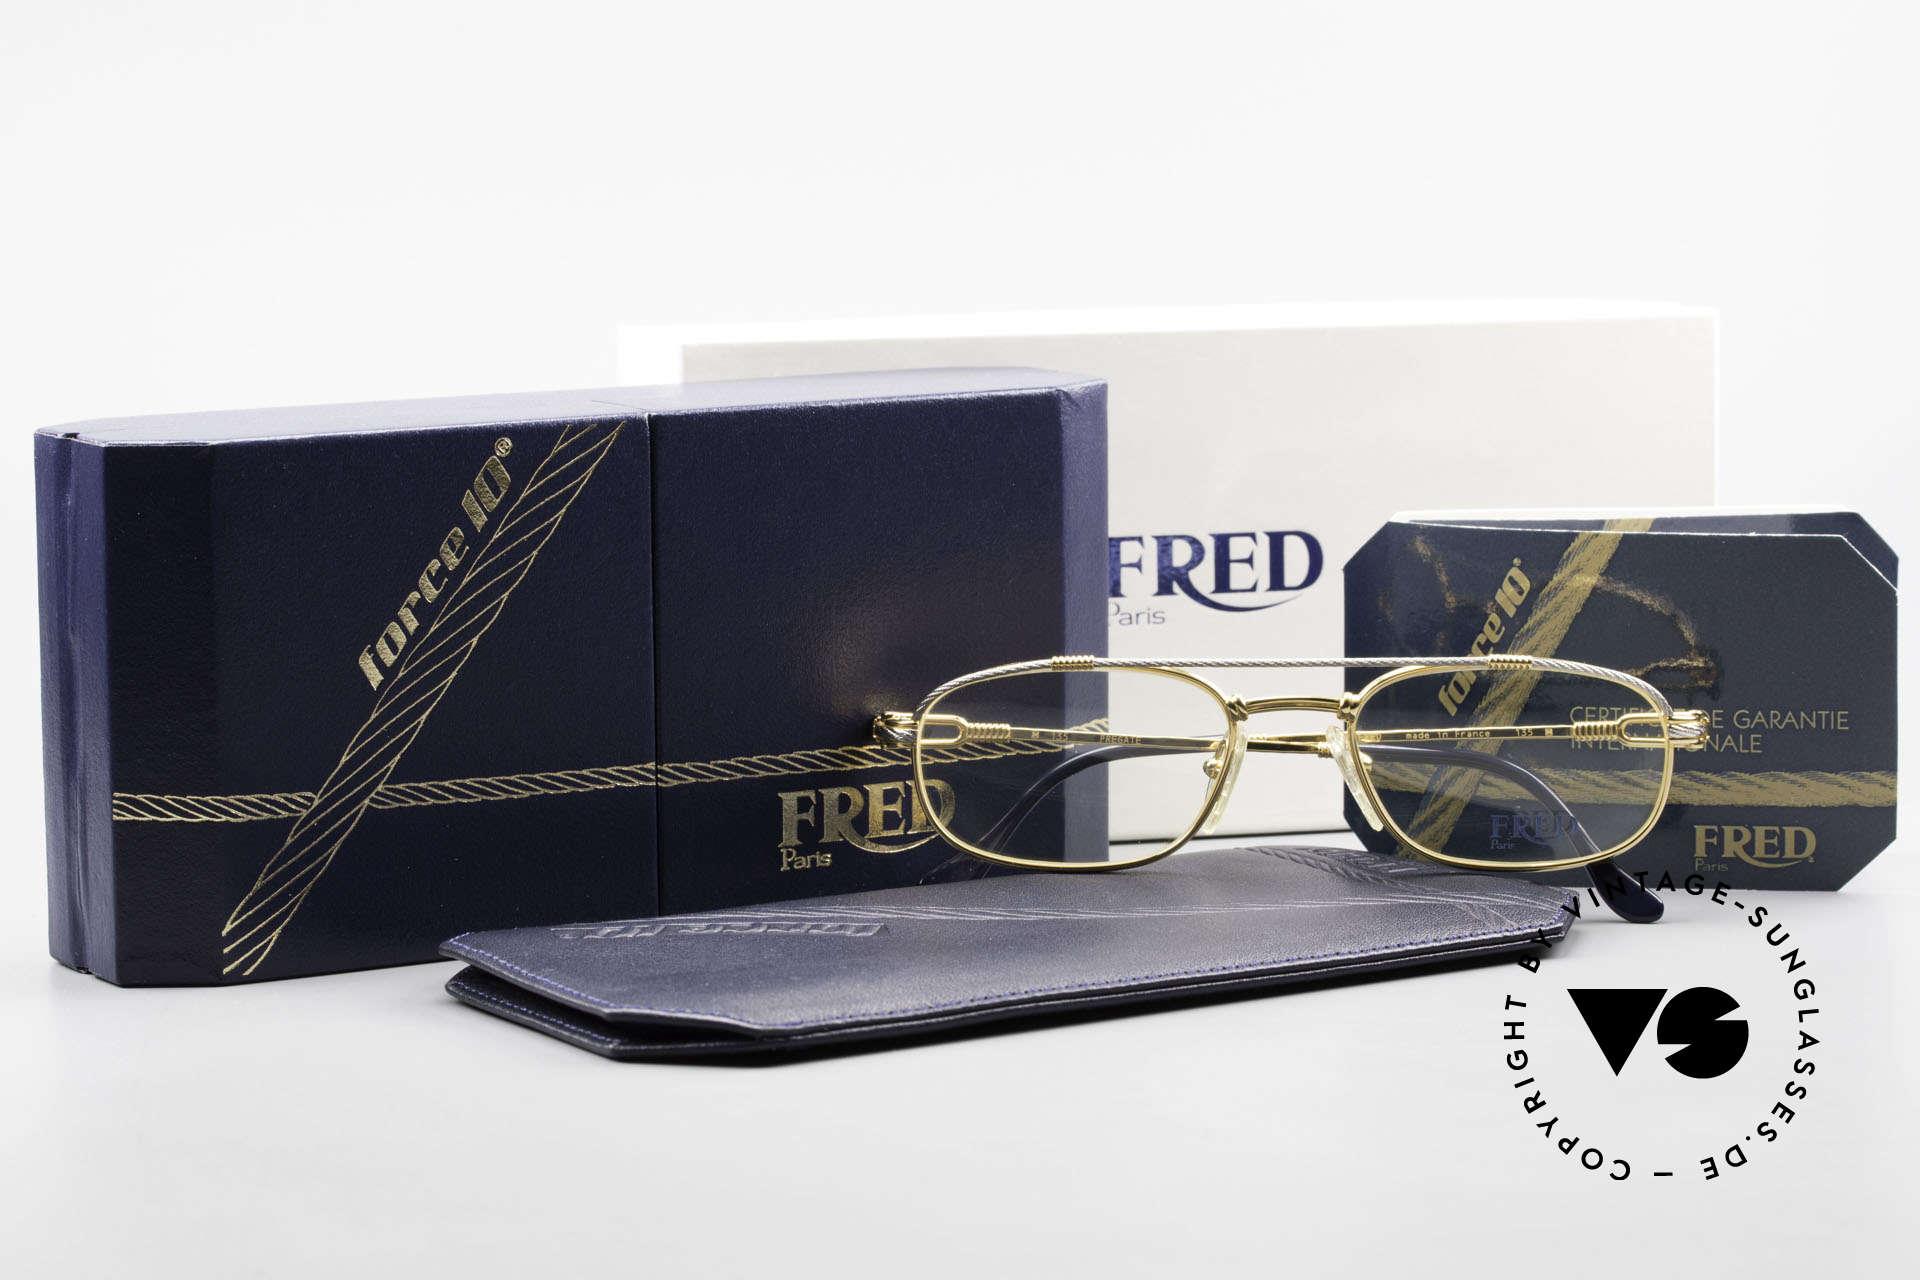 Fred Fregate Luxus Seglerbrille S Fassung, ungetragen, wie all unsere edlen vintage Brillengestelle, Passend für Herren